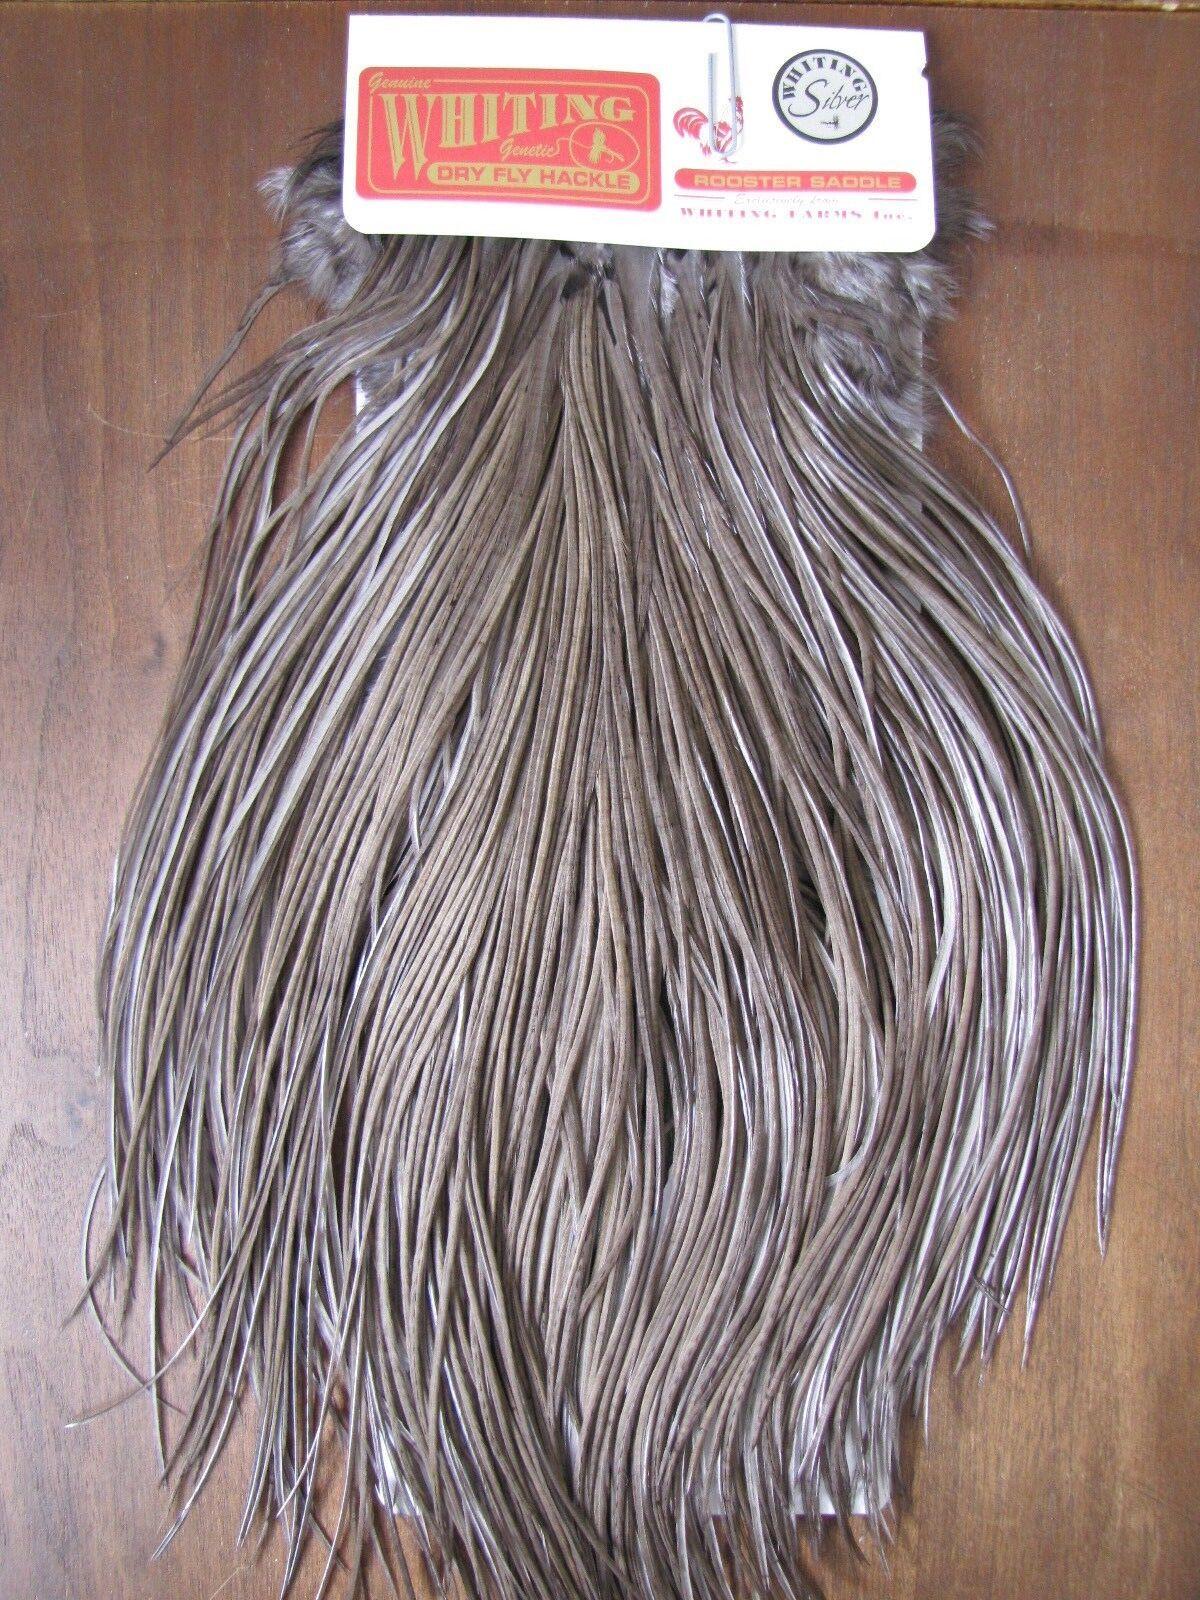 Silla Para Moscas Whiting Plata Gallo blancoo Teñido Oscuro dun   B